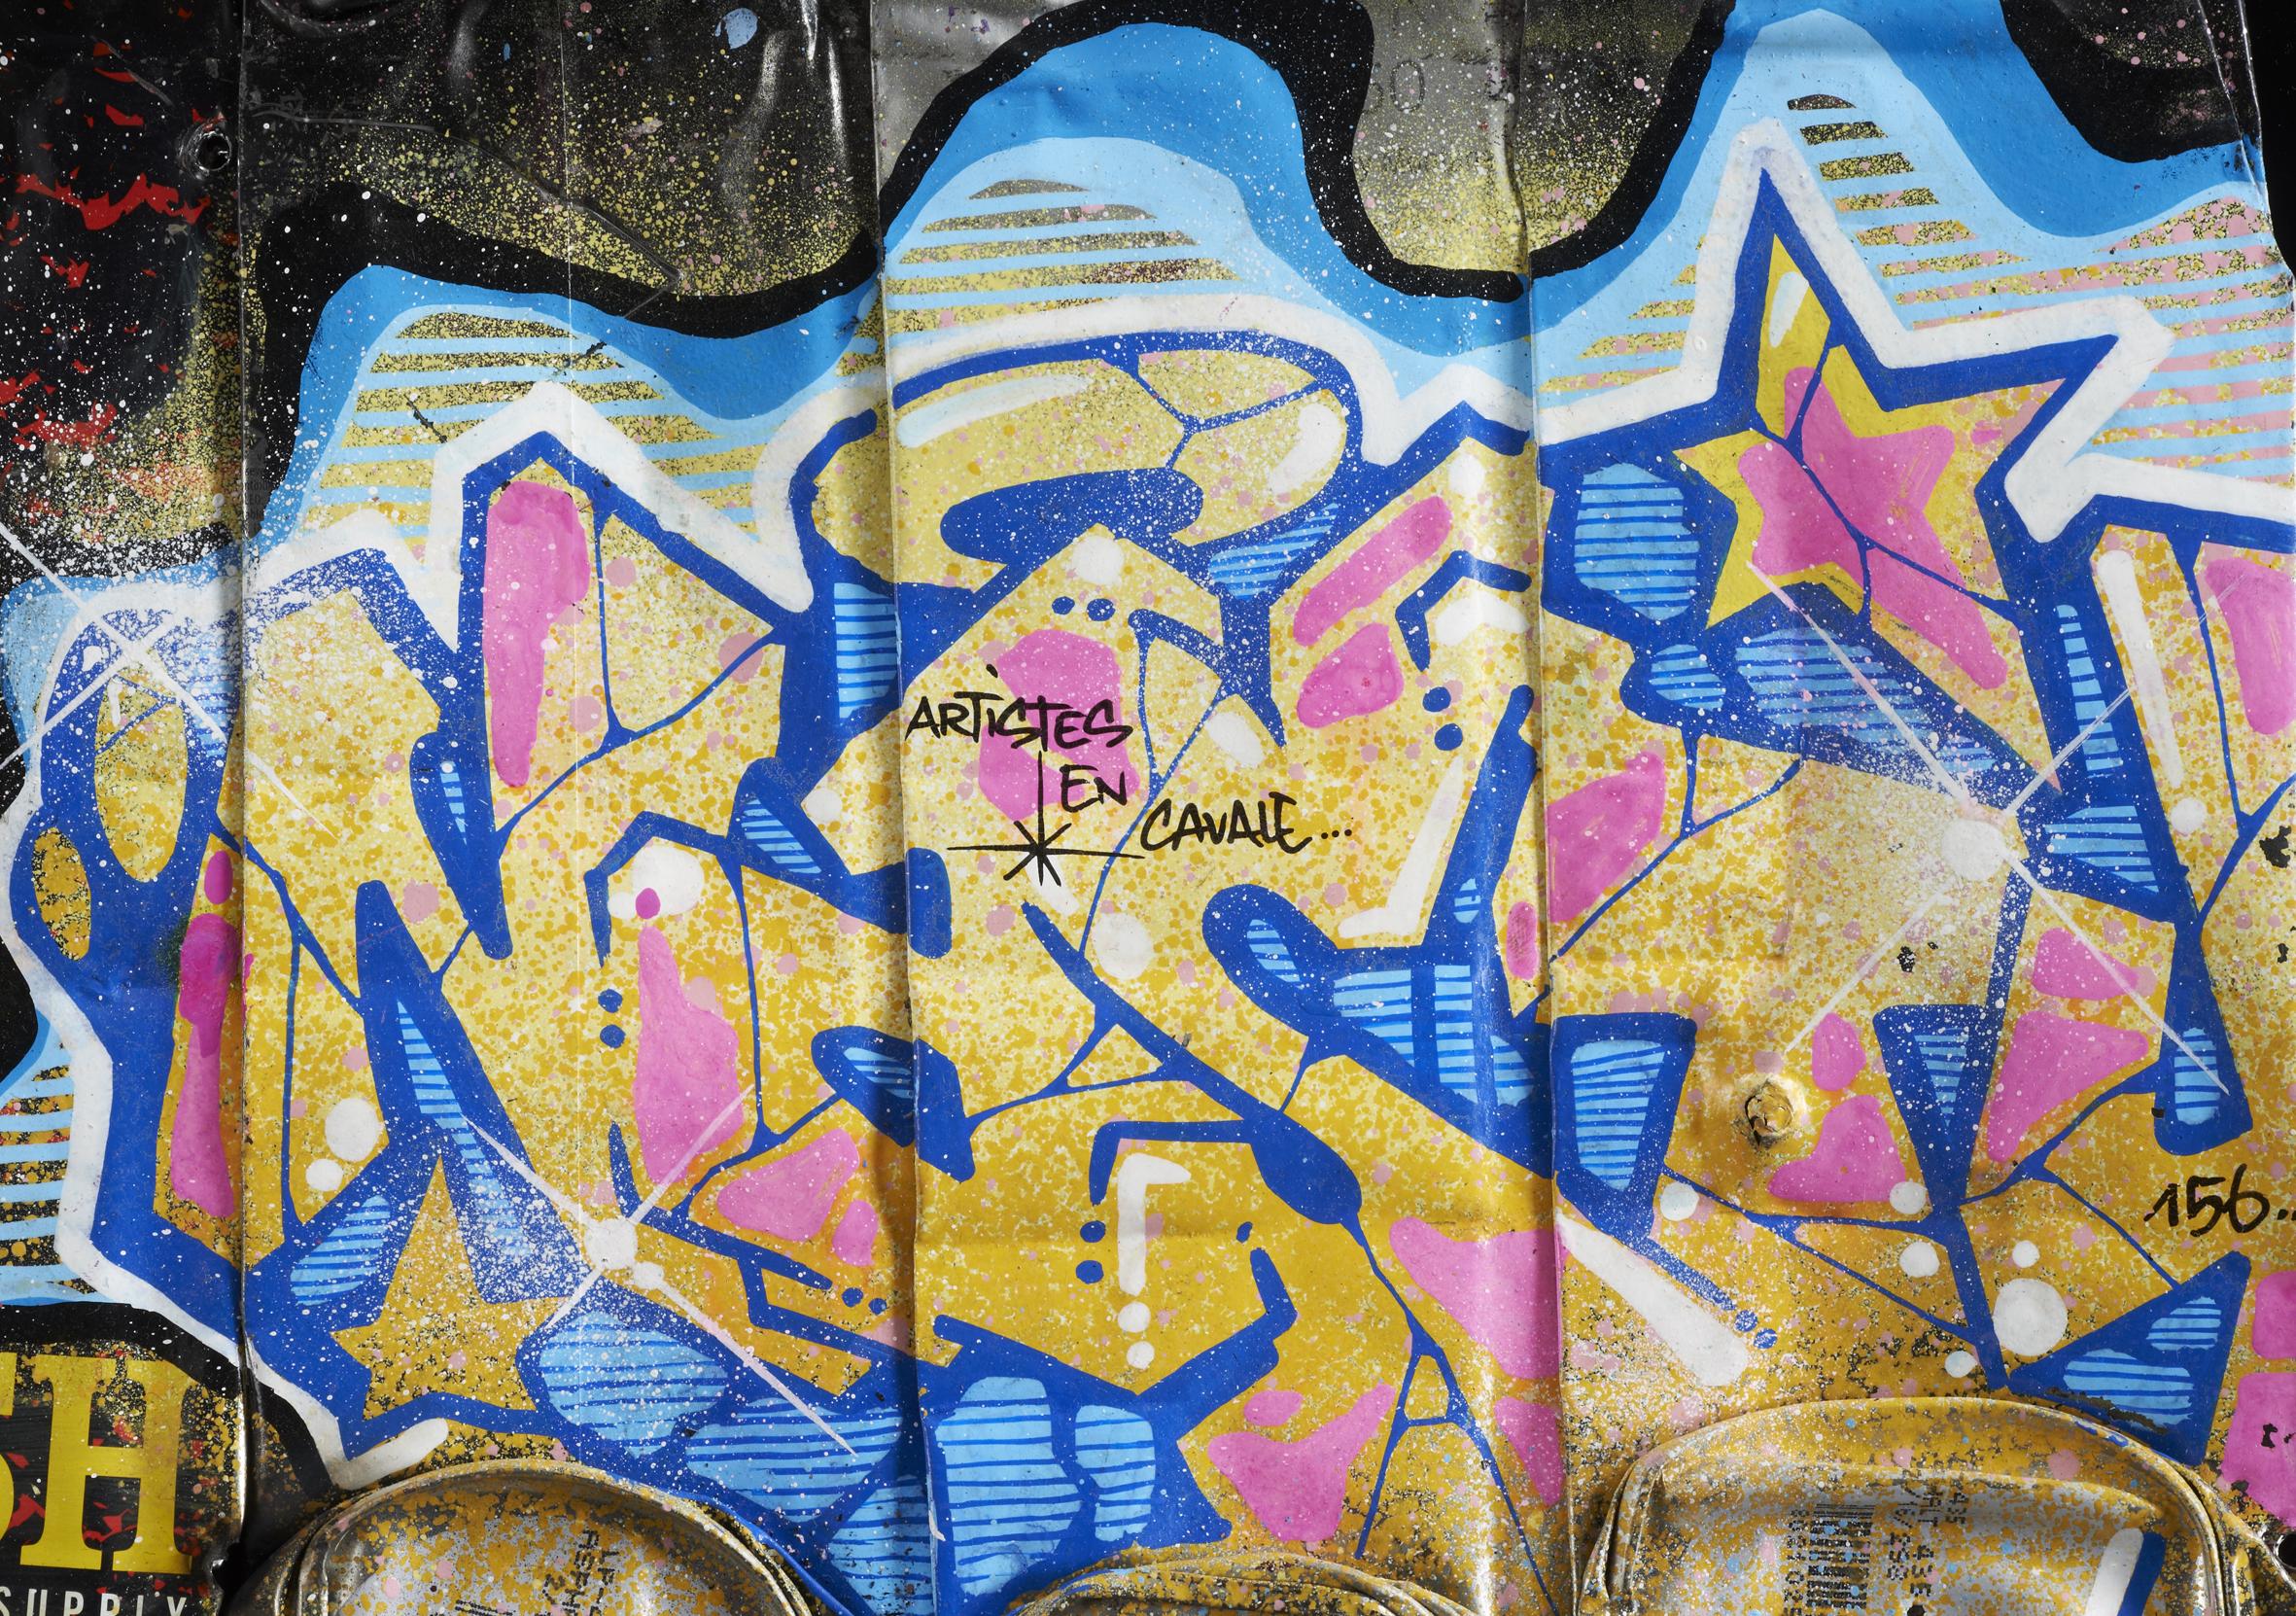 Vente Urban Art chez Hugues Taquet : 130 lots